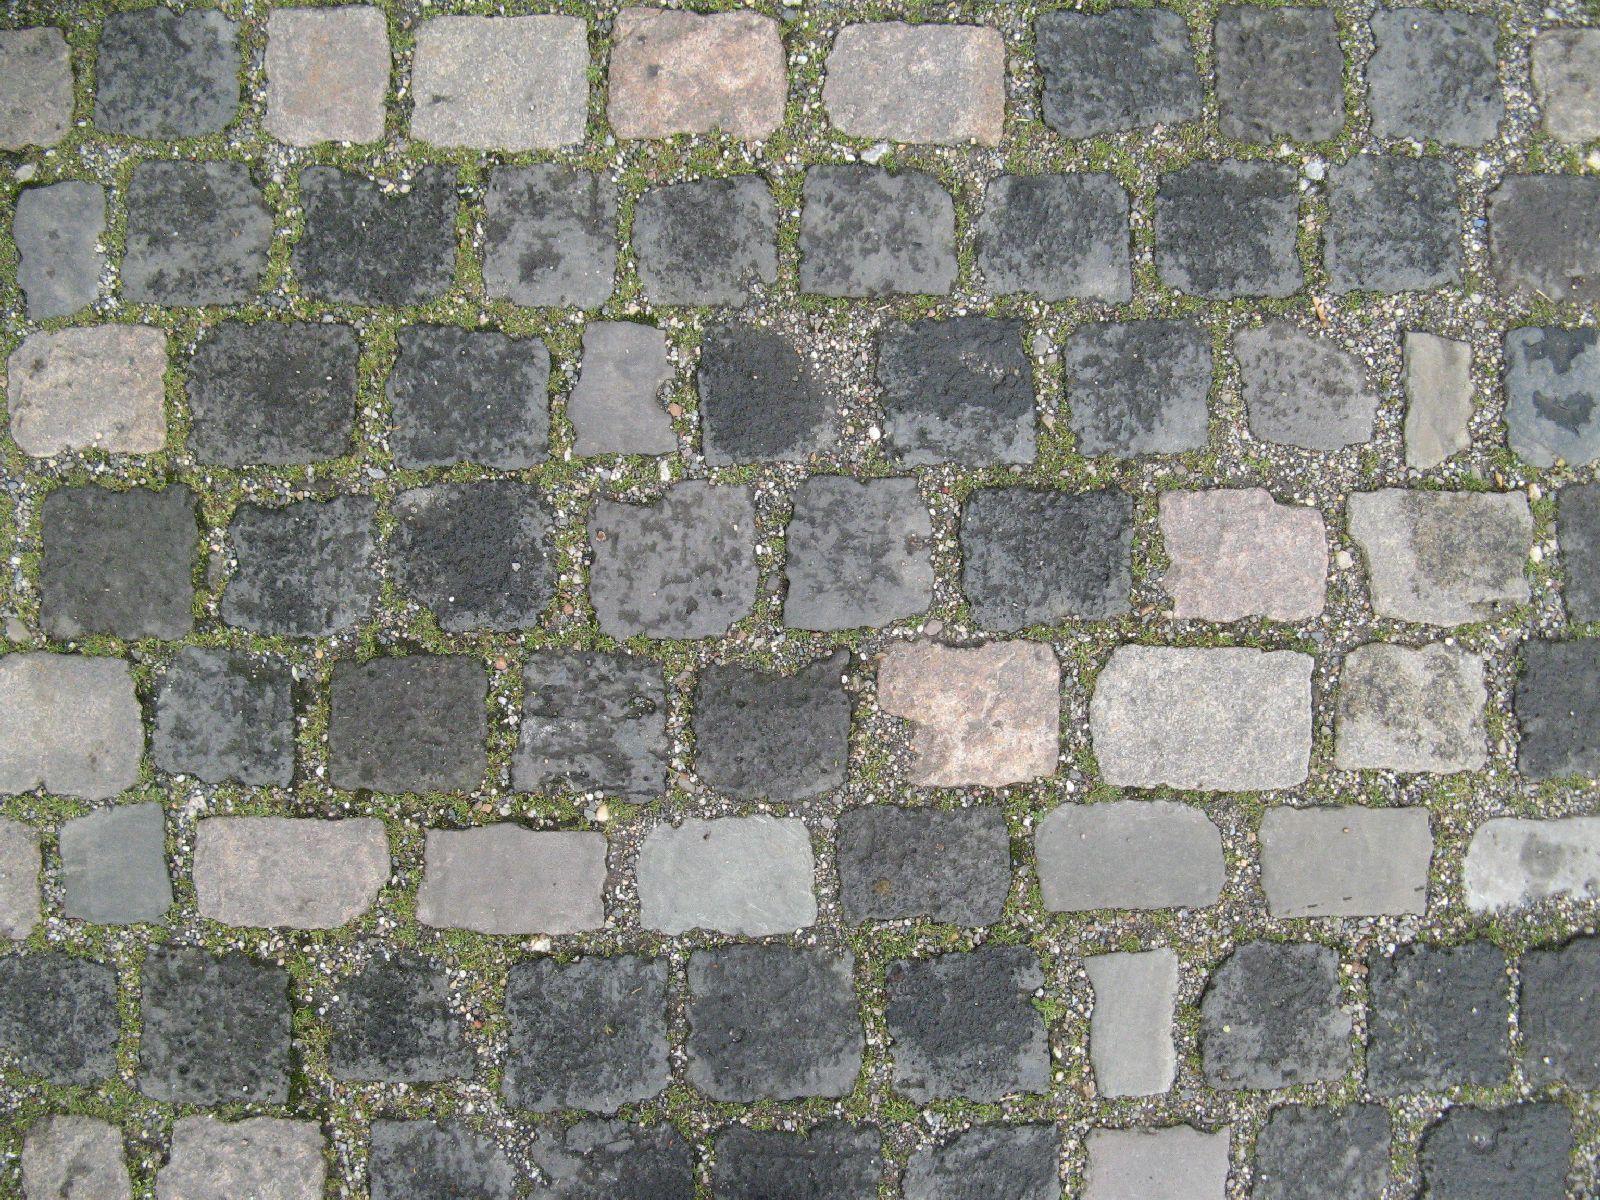 Boden-Gehweg-Strasse-Buergersteig-Textur_B_02117